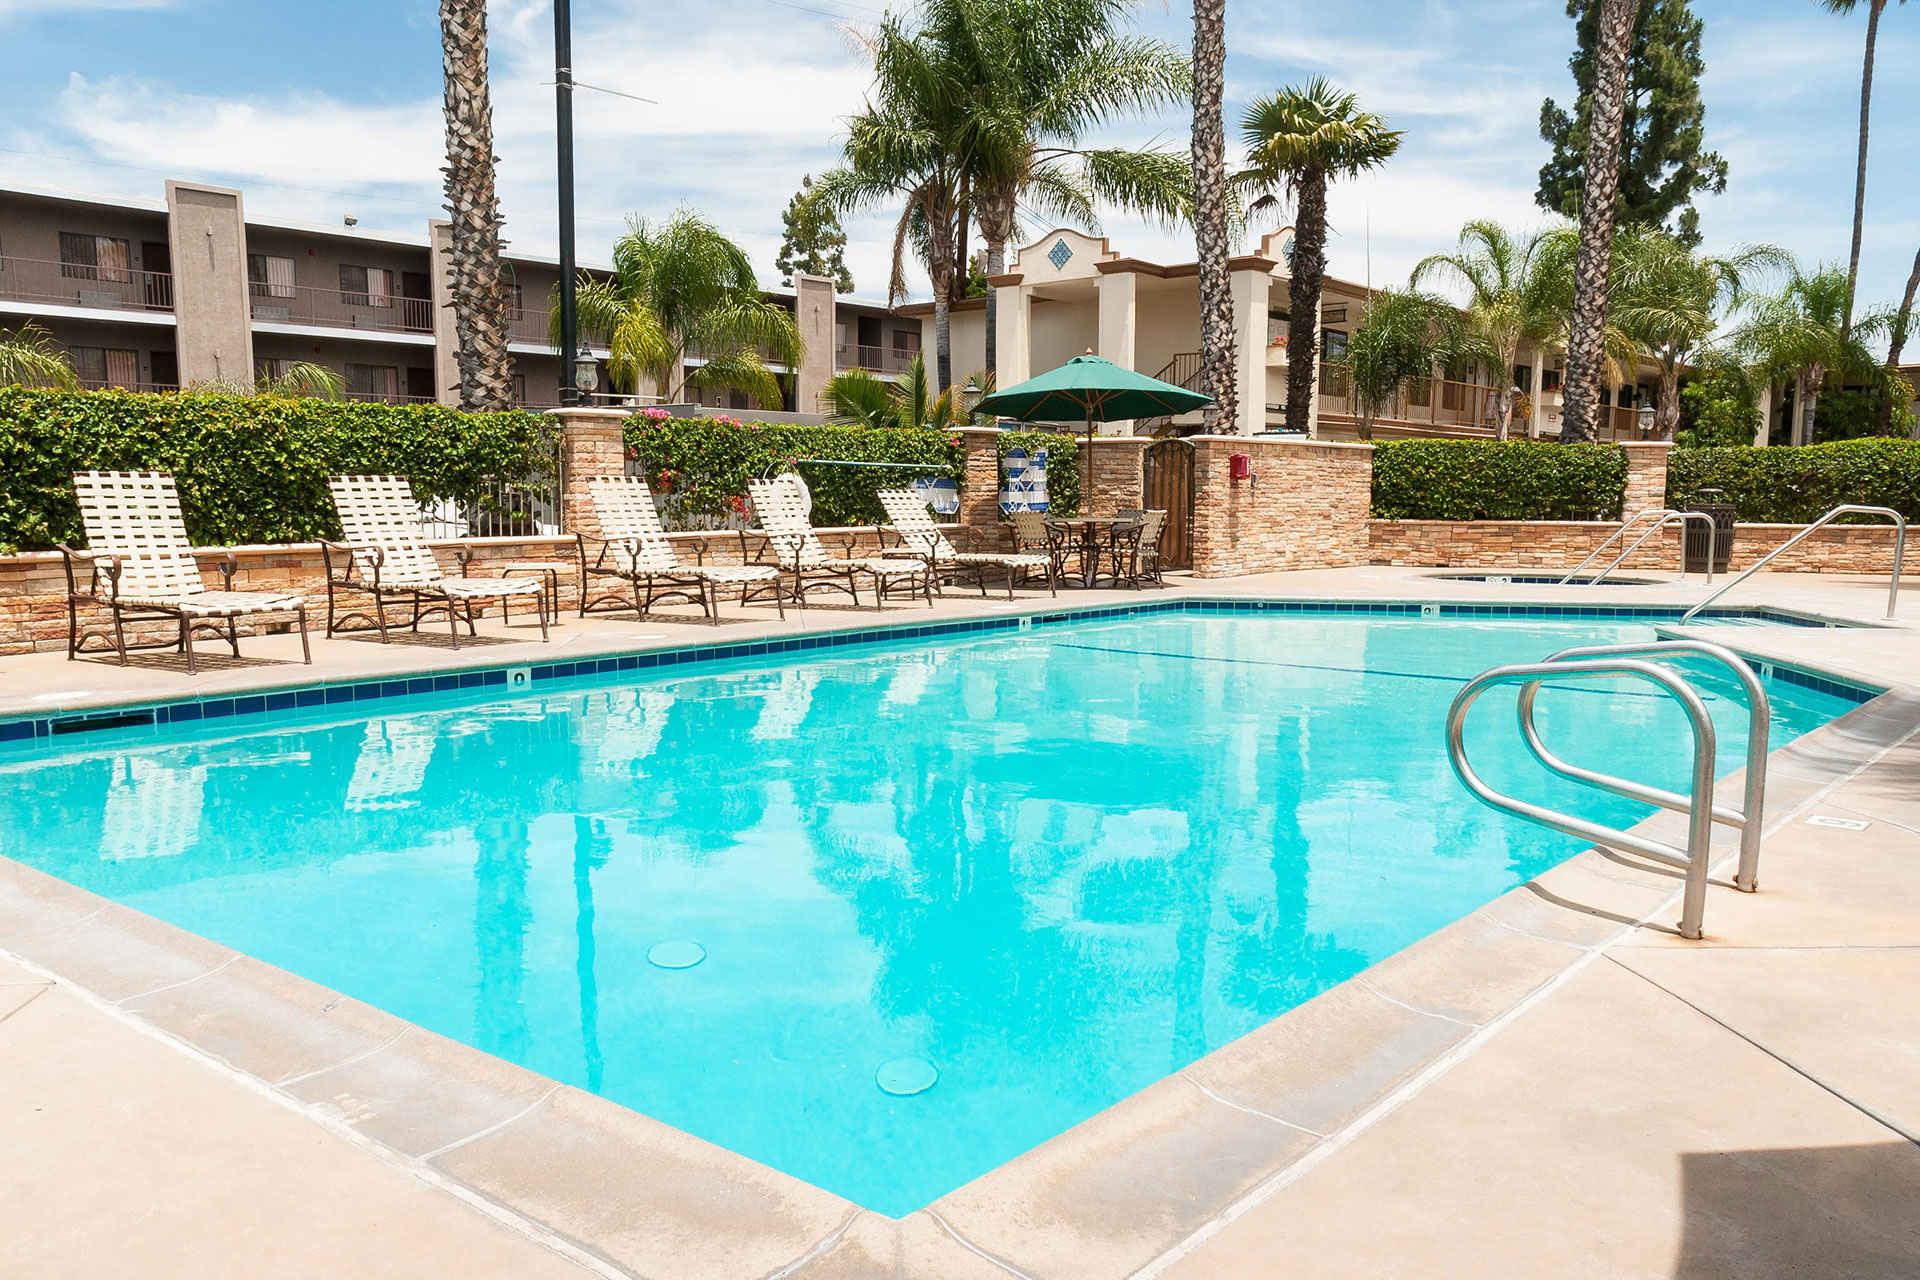 pool at Park Vue Inn; Courtesy of Park Vue Inn